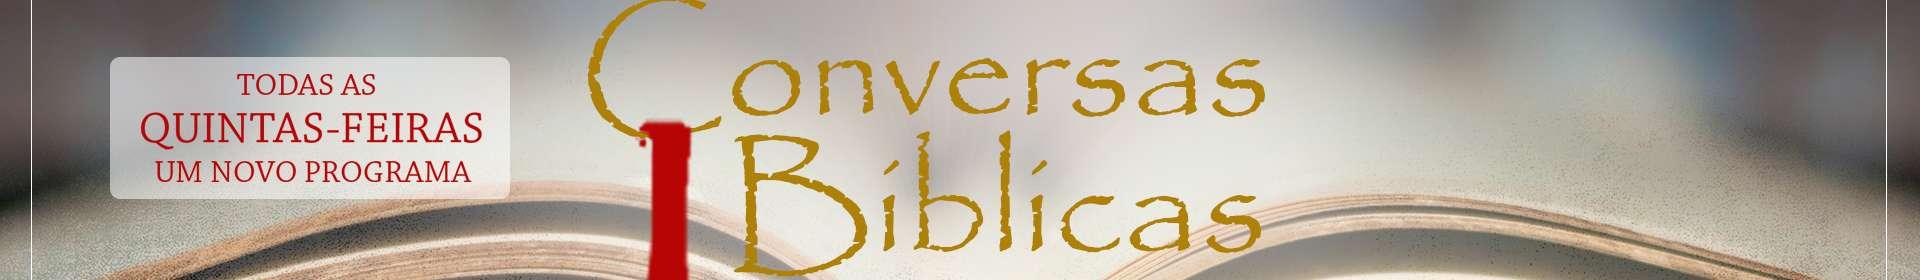 Conversas Bíblicas: O Crente Diante das Provas - Parte 1